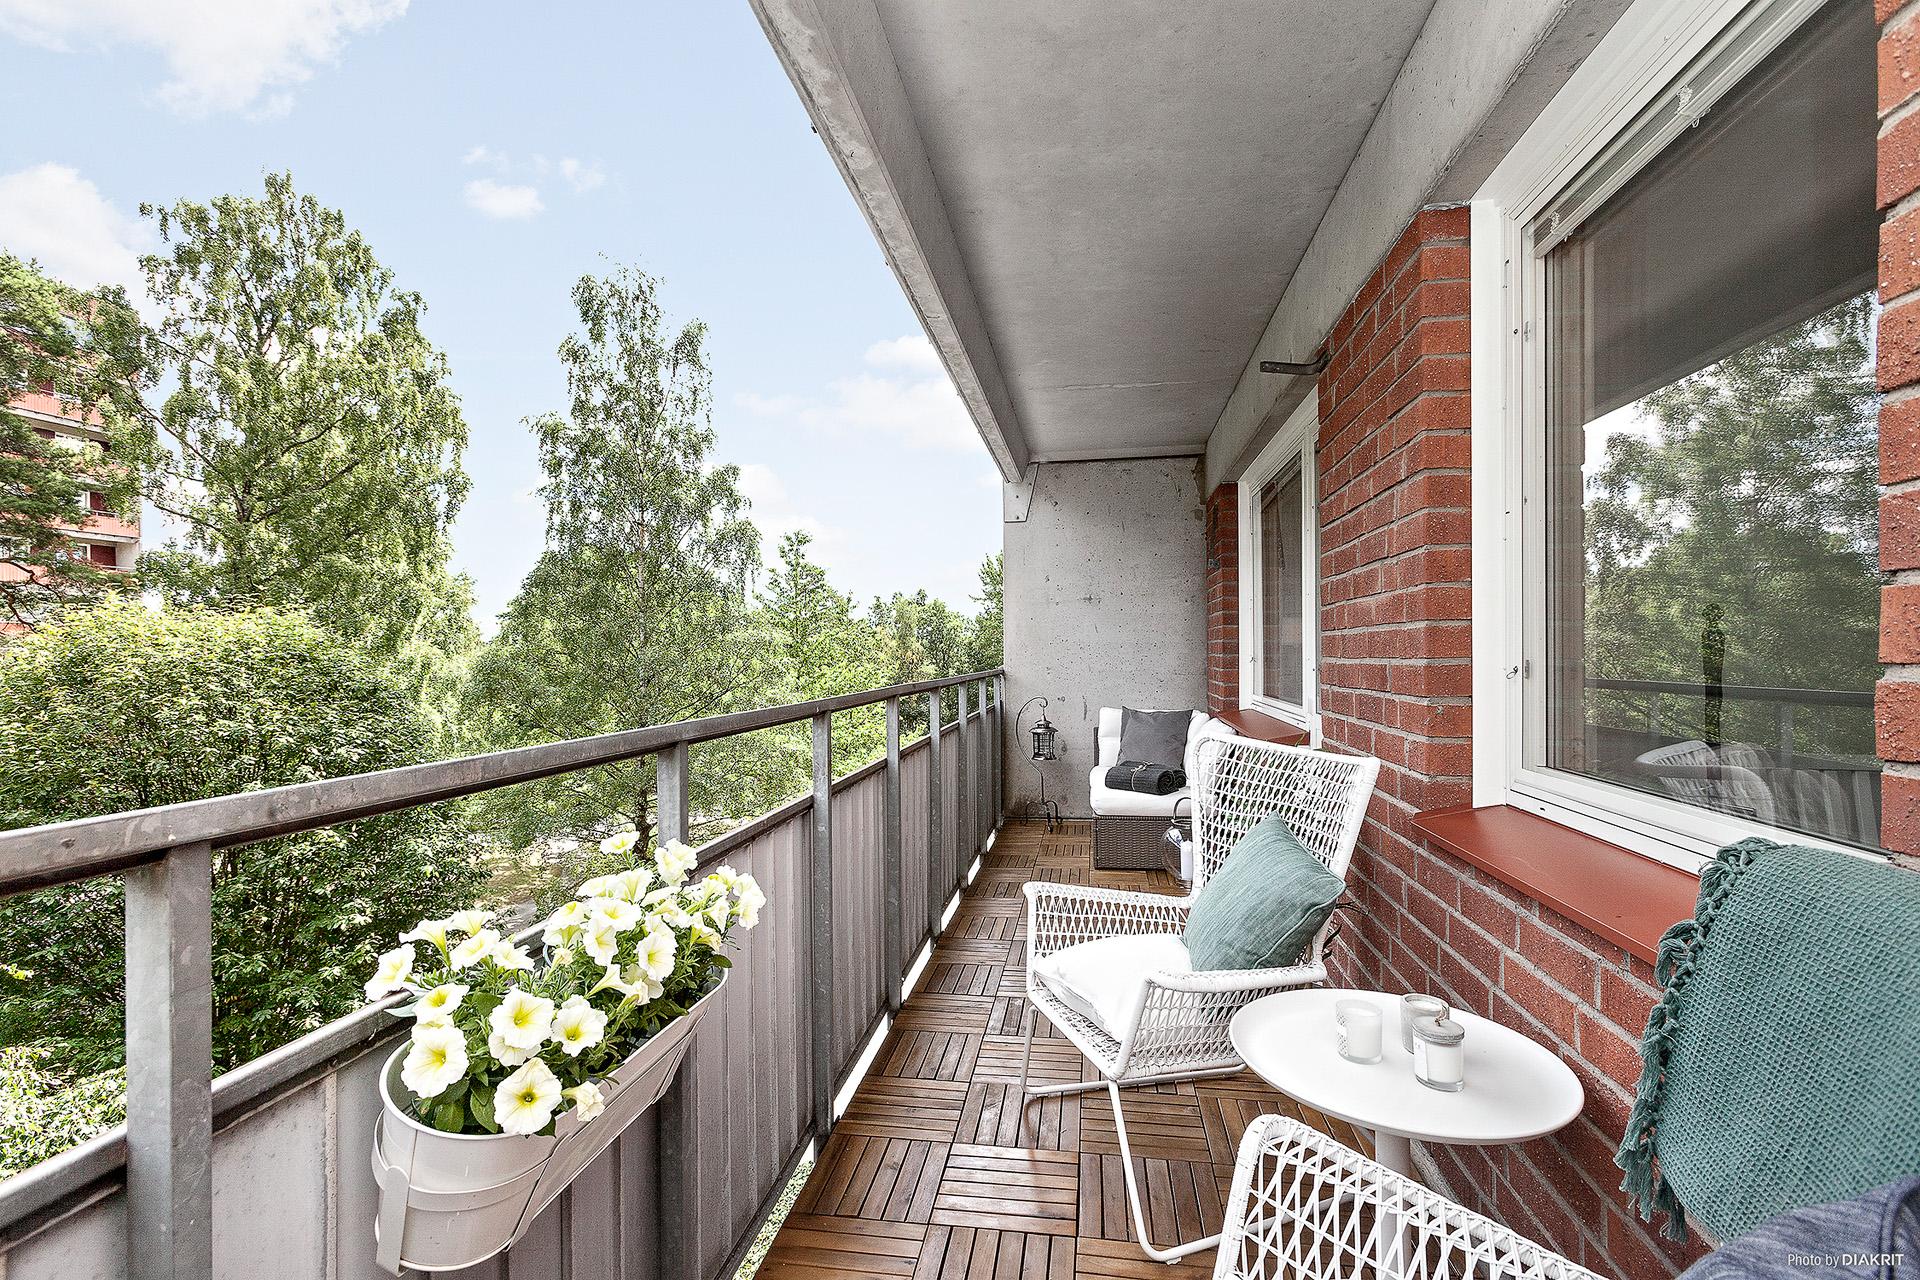 Stor balkong utmed hela lägenheten